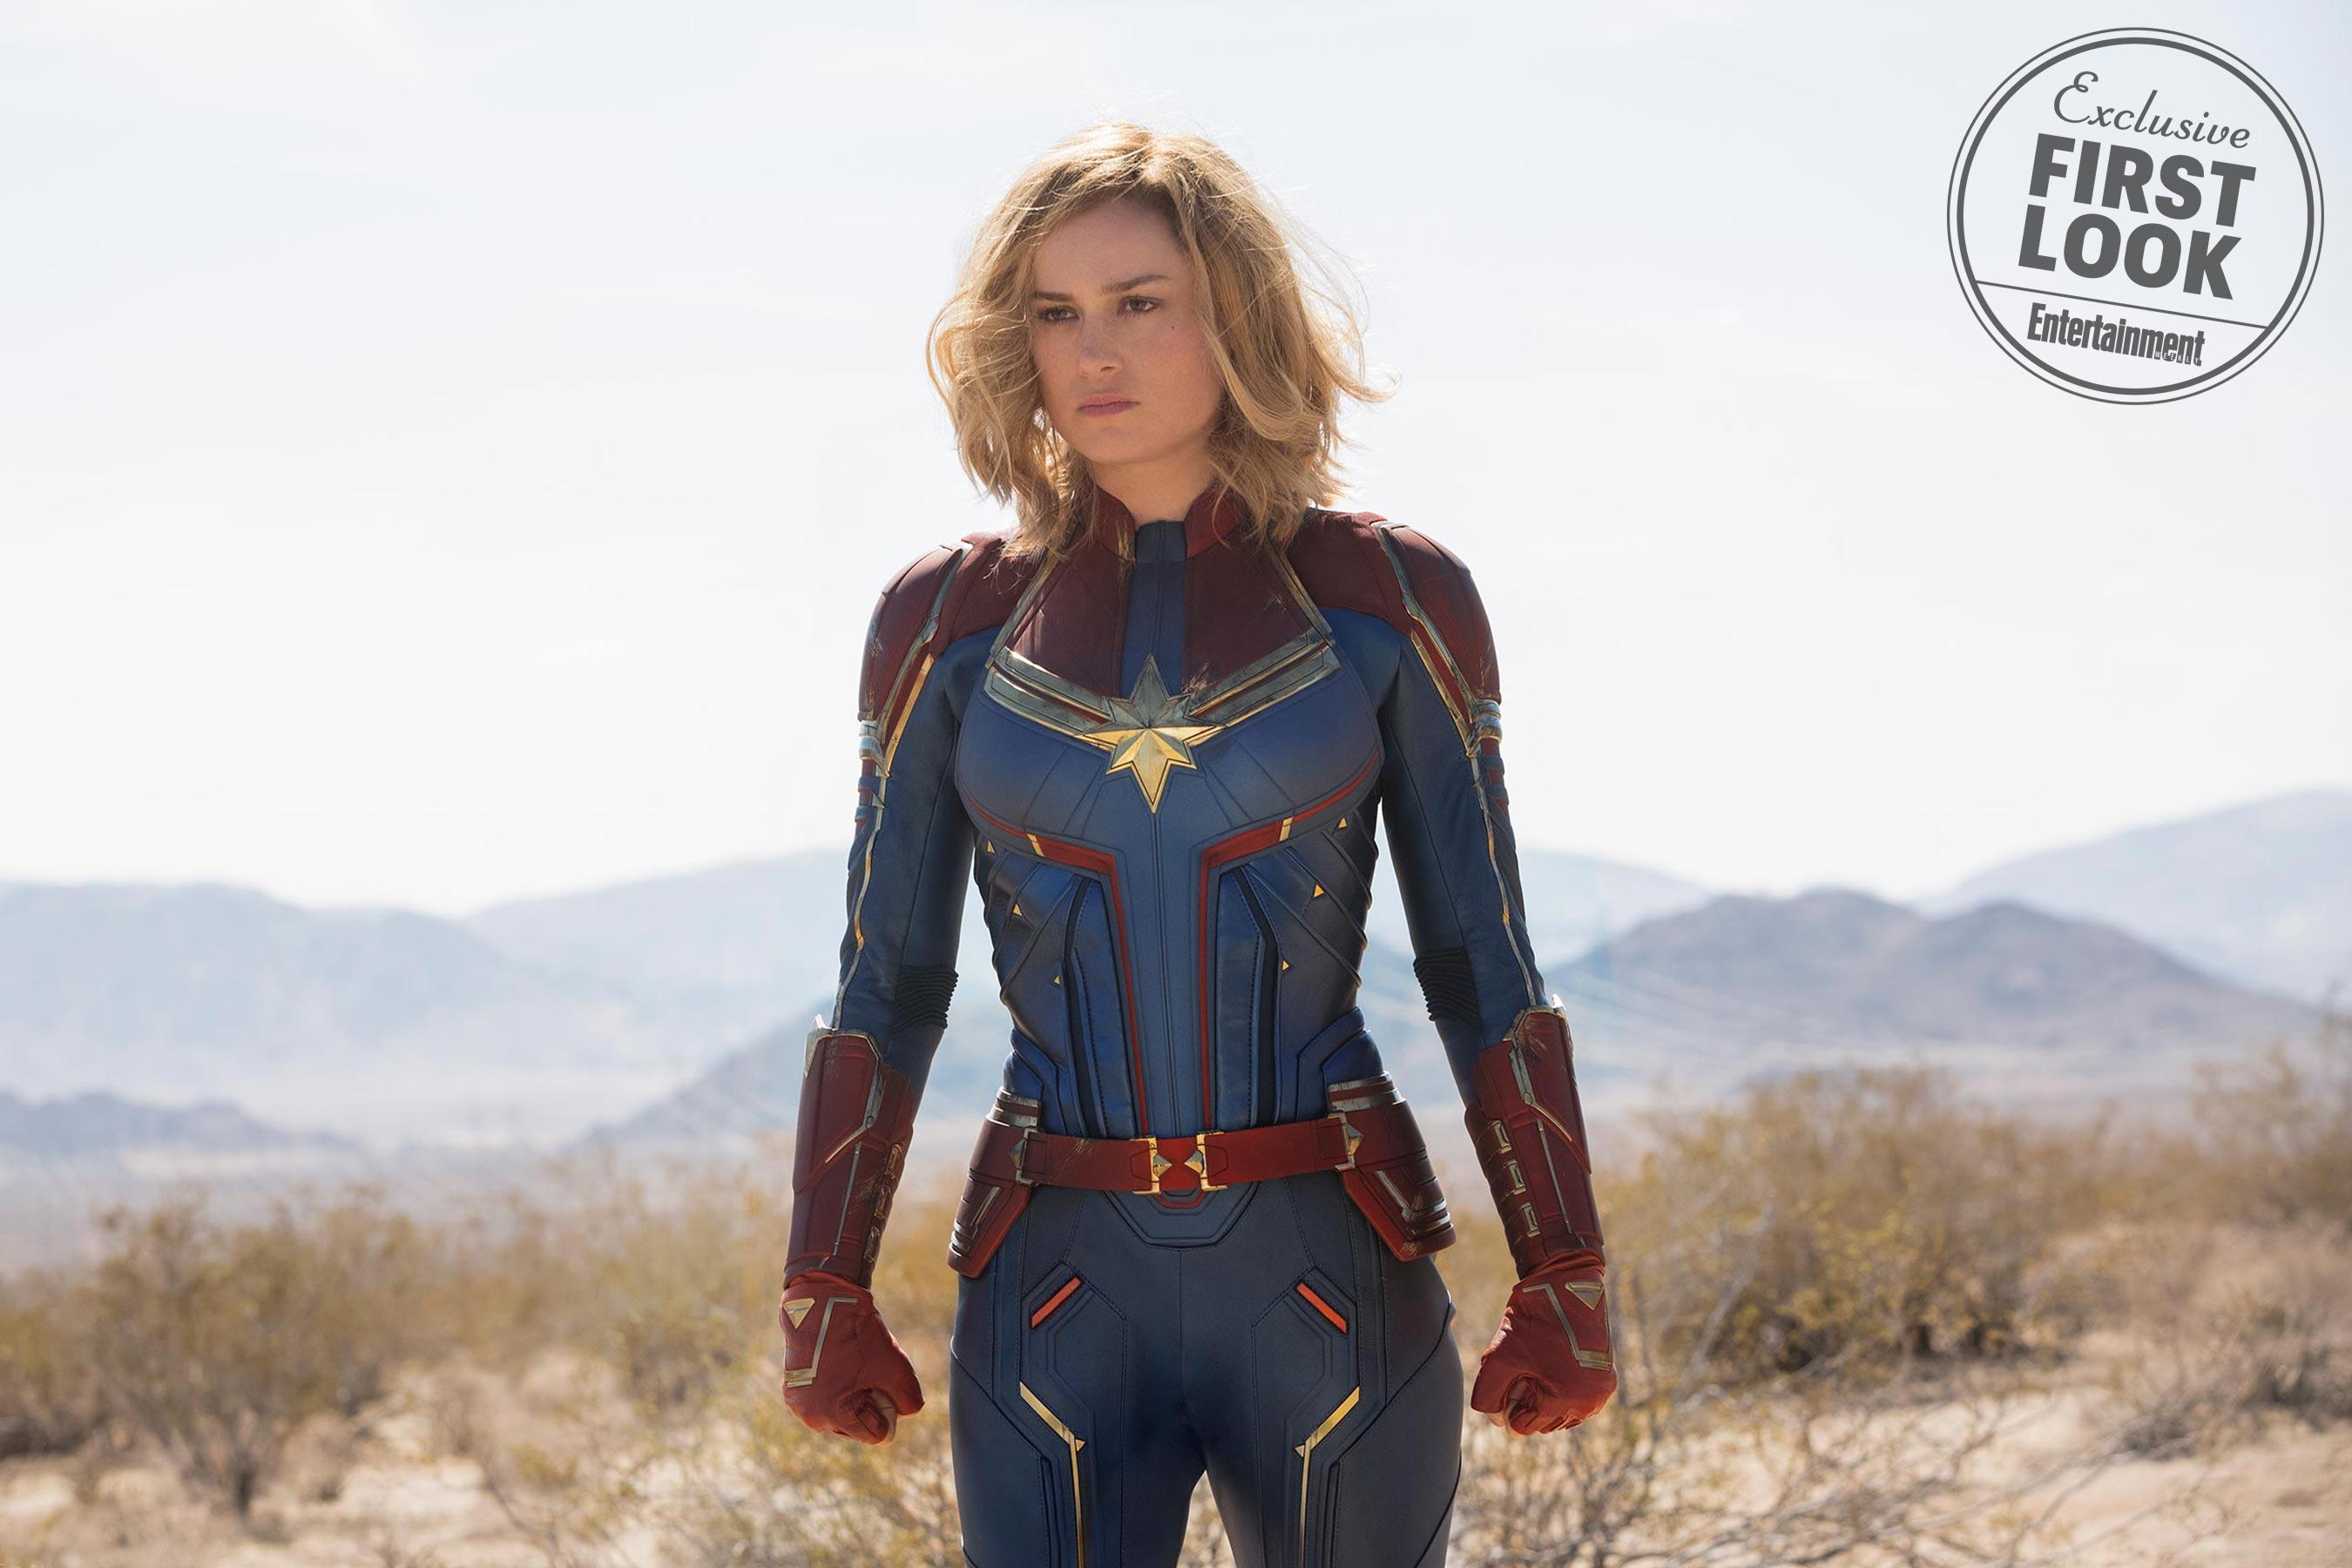 """<p> Phân trang Carol Danvers. </ p> <p> <em> Captain Marvel </ em> <a href = """"https://ew.com/movies/2018/09/05/captain-marvel-ew- cover-brie-larson / """"target ="""" _ blank """"rel ="""" noopener """"> nằm trên trang bìa của vấn đề mới nhất <em> Giải trí hàng tuần </ em> </a> <em>, </ em> và chúng tôi đã có cái nhìn đầu tiên về anh hùng một phần-Kree của Brie Larson, một phần nhân vật. Khán giả đã nhanh chóng nhìn thấy biểu tượng của Carol trong cảnh tín dụng cuối cùng của <em> Avengers: Infinity War, </ em> nhưng đến tháng 3 năm 2019, phi công của Không quân với sức mạnh ngoài hành tinh sẽ có được câu chuyện về nguồn gốc của riêng mình. </ P> <p> Không chỉ là <em> Captain Marvel </ em> phim solo đầu tiên, do nữ giới dẫn đầu trong Marvel Cinematic Universe, nhưng đó là phần giới thiệu về anh hùng hùng mạnh nhất mà MCU từng thấy. (Một Marvel khác trước tiên: Được đặt vào những năm 1990!) Nhấp qua để xem chi tiết tất cả những điều Carol & mdash; cũng như giới thiệu về một vài người bạn và kẻ thù của cô ấy. </ p>"""